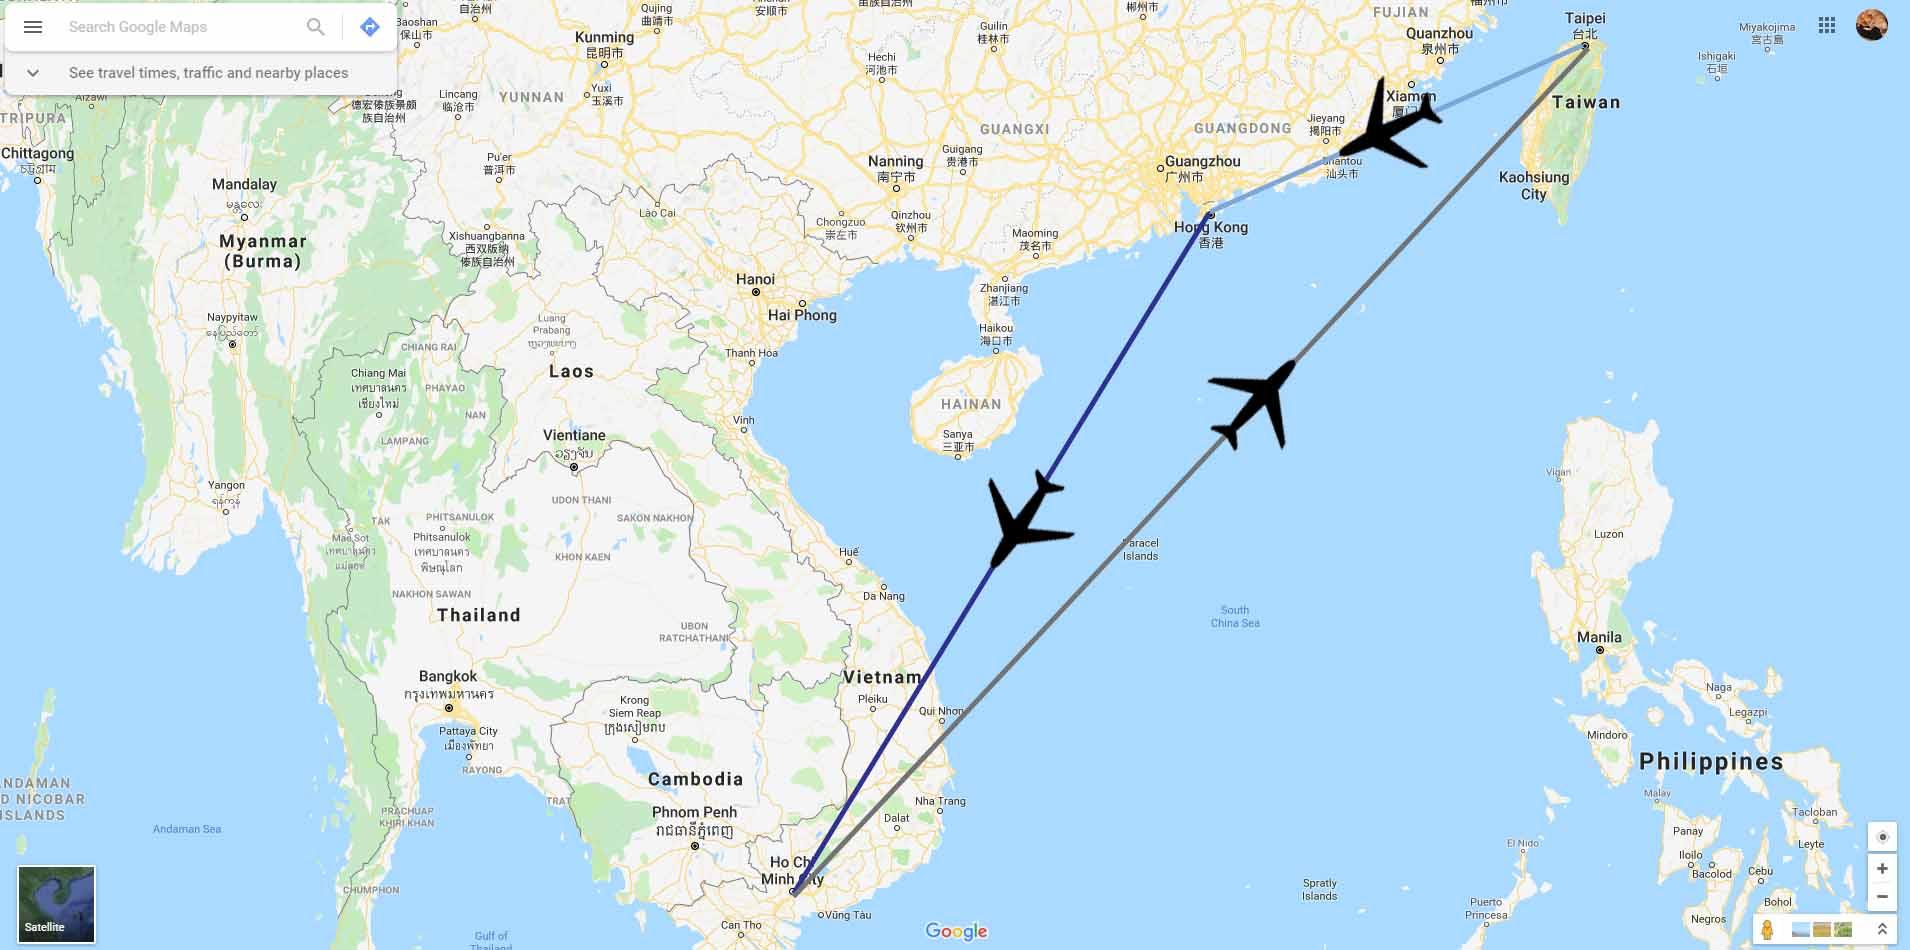 Aasian lennot